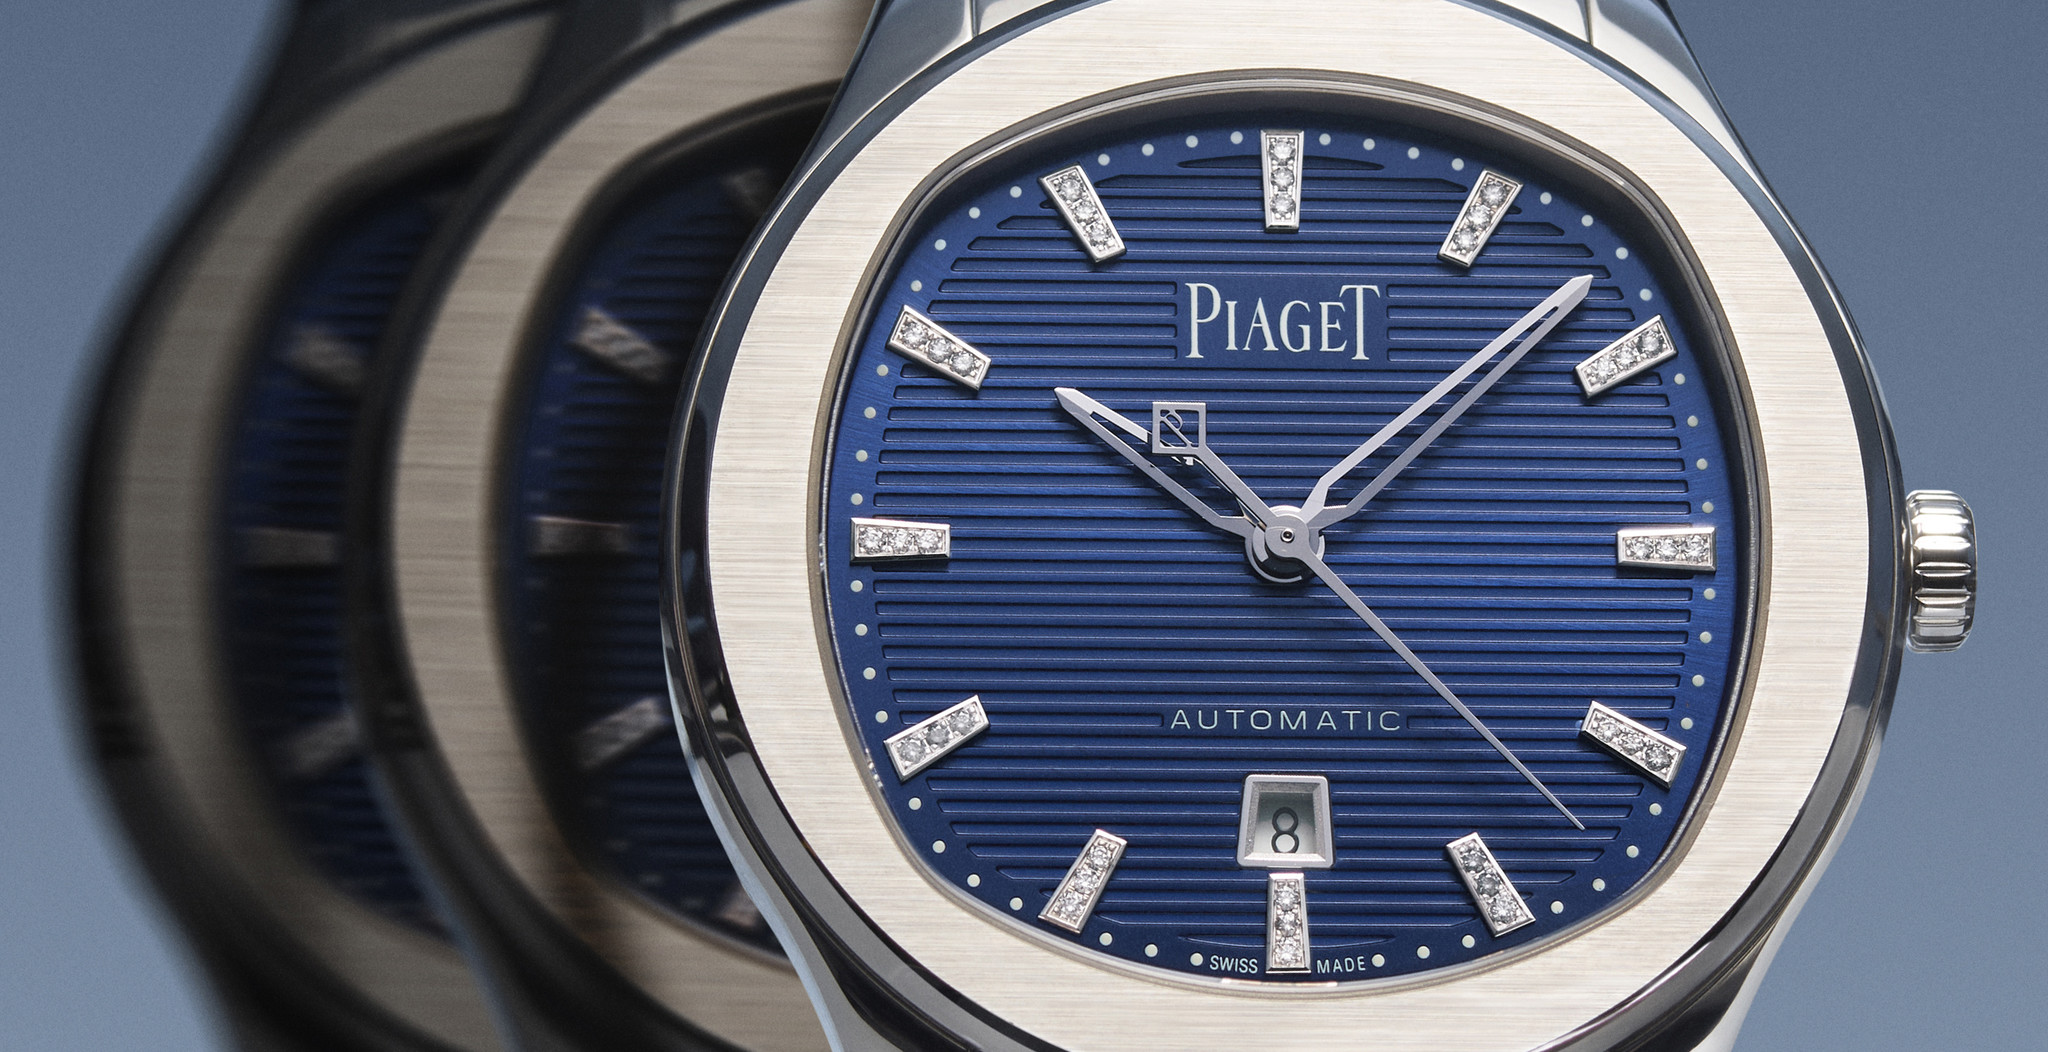 Piaget lanceert de Piaget Polo in 36mm! Ontdek dit nieuwe must-have vrouwen model hier!